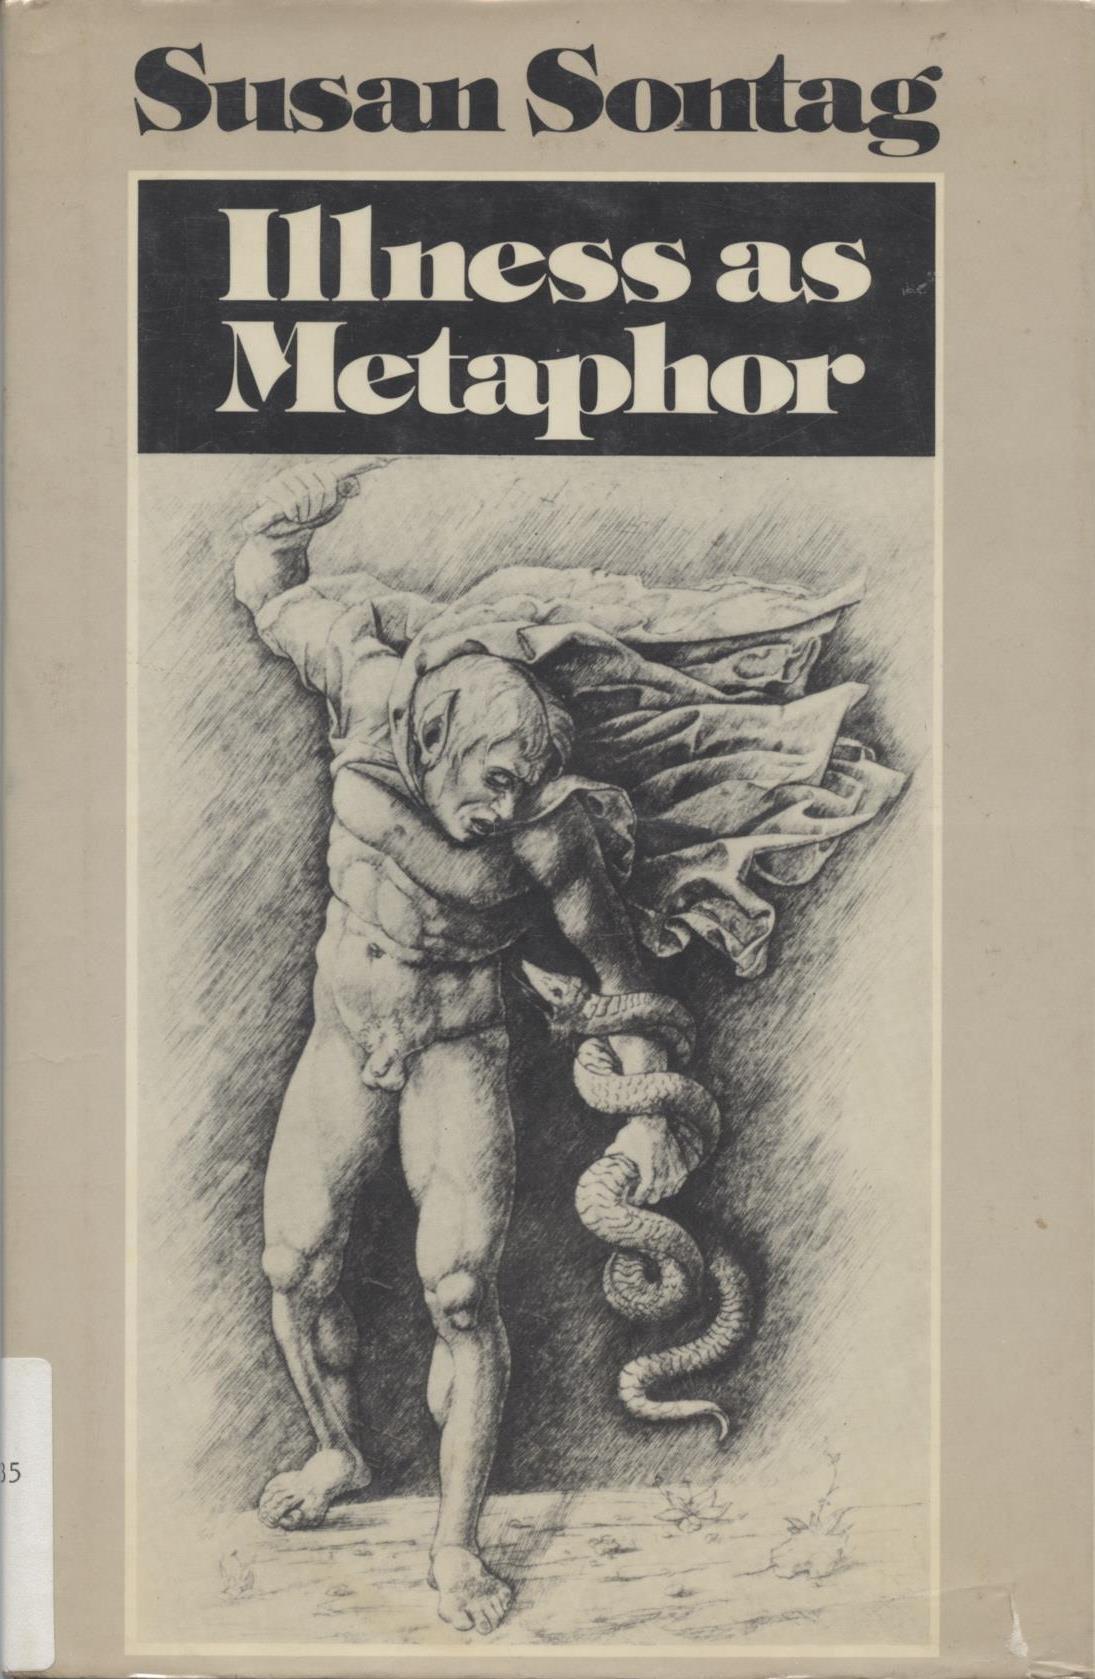 Illness as Metaphor — Susan Sontag